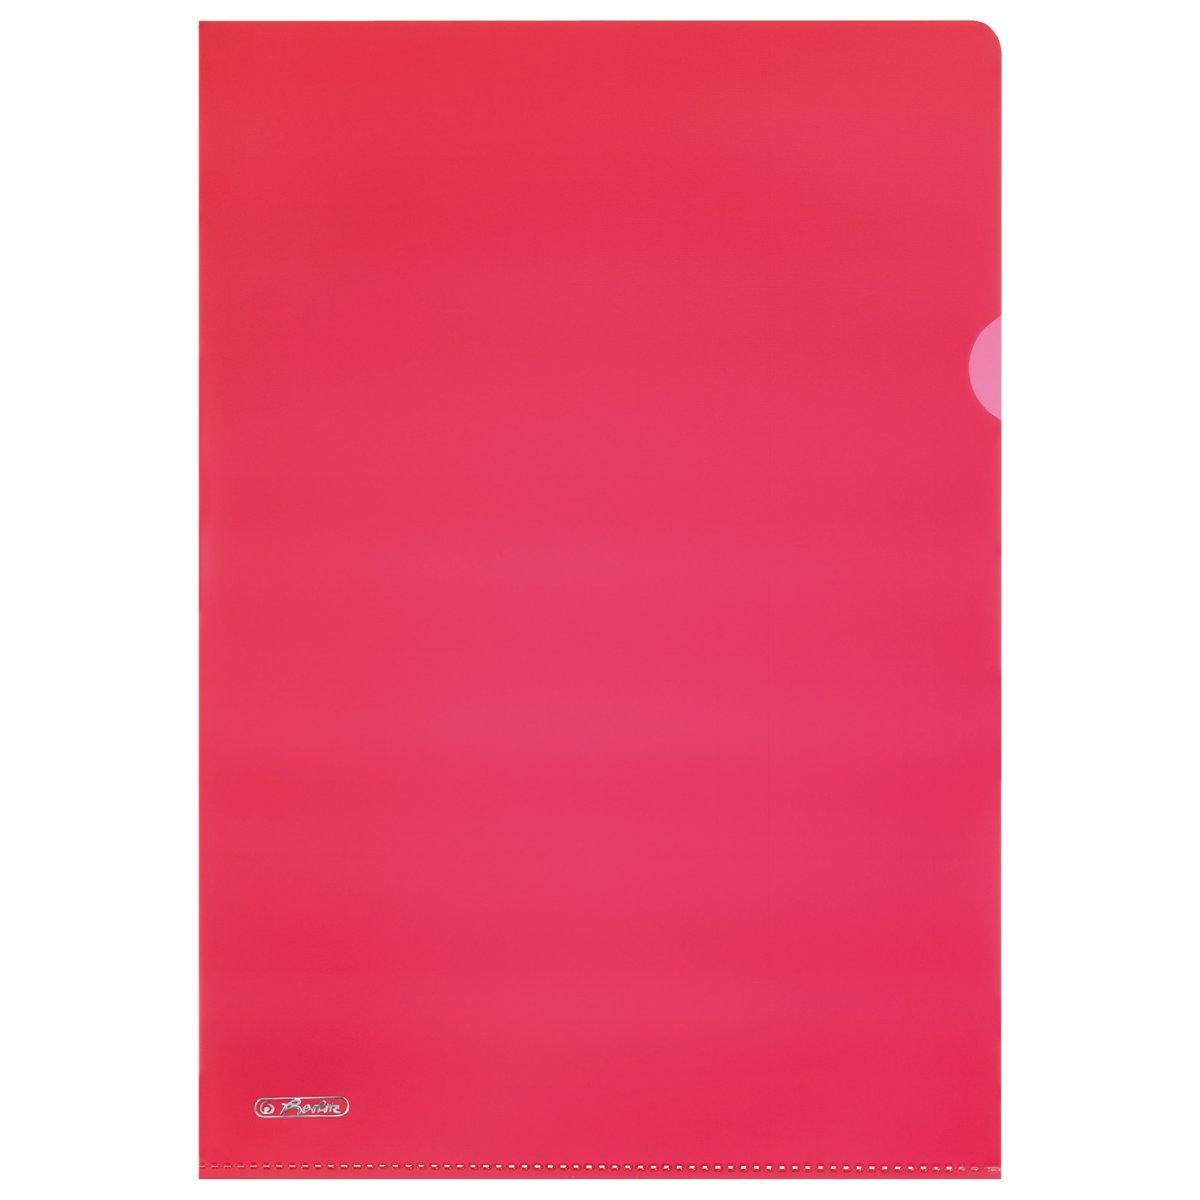 Папки-куточки Herlitz Premium Pyramide А4 10шт 190мкм тиснені червоні